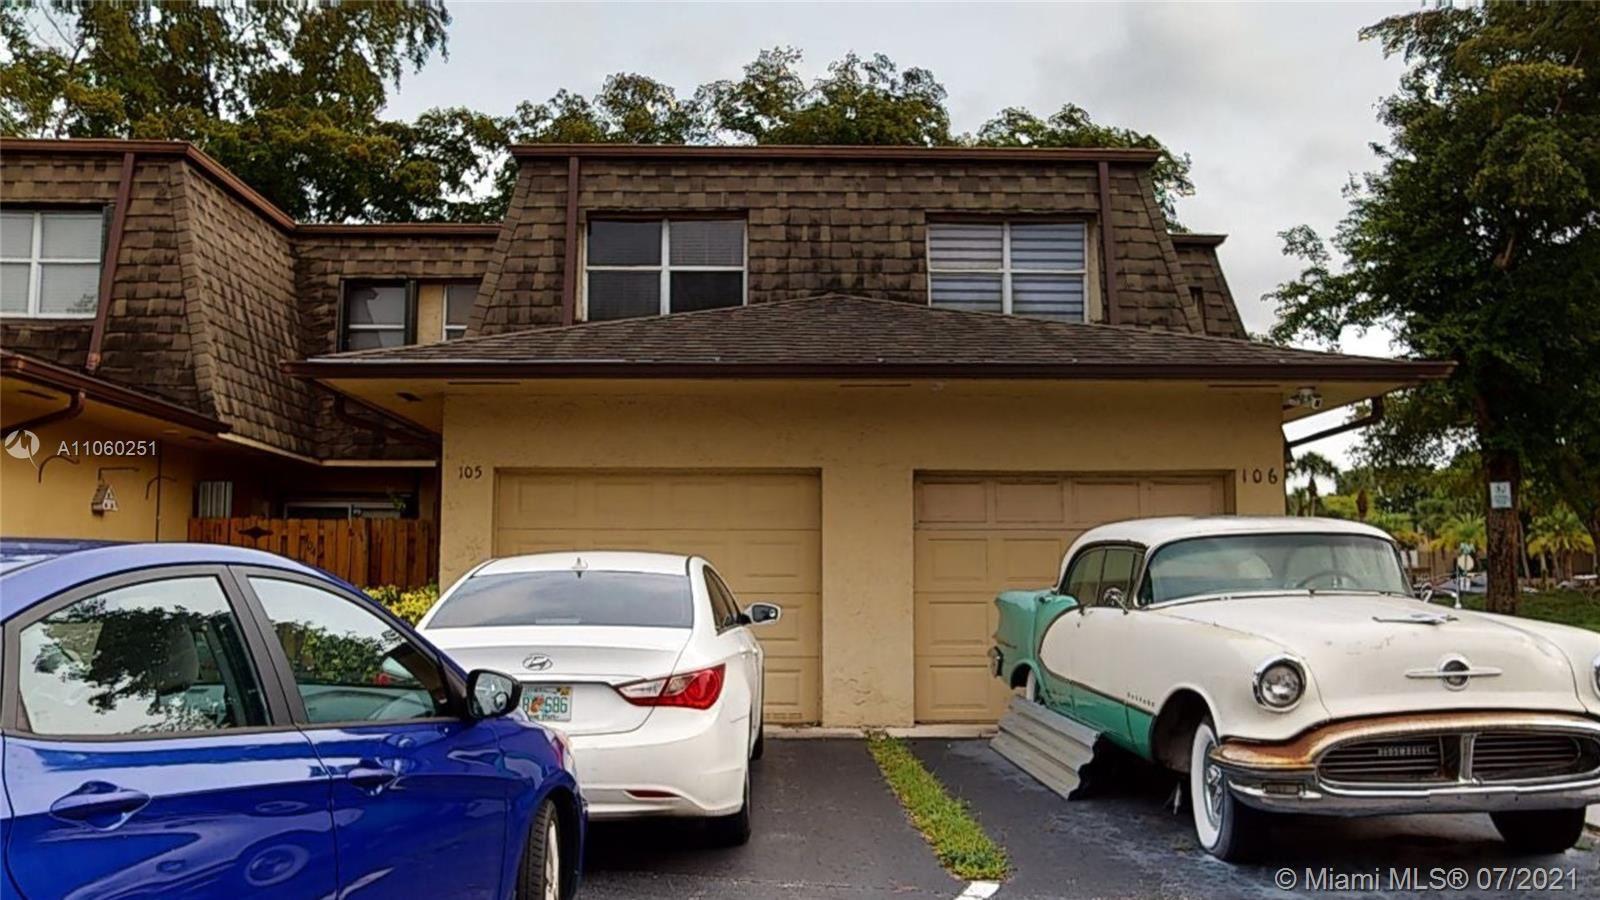 14237 SW 94 #105, Miami, FL 33186 - #: A11060251